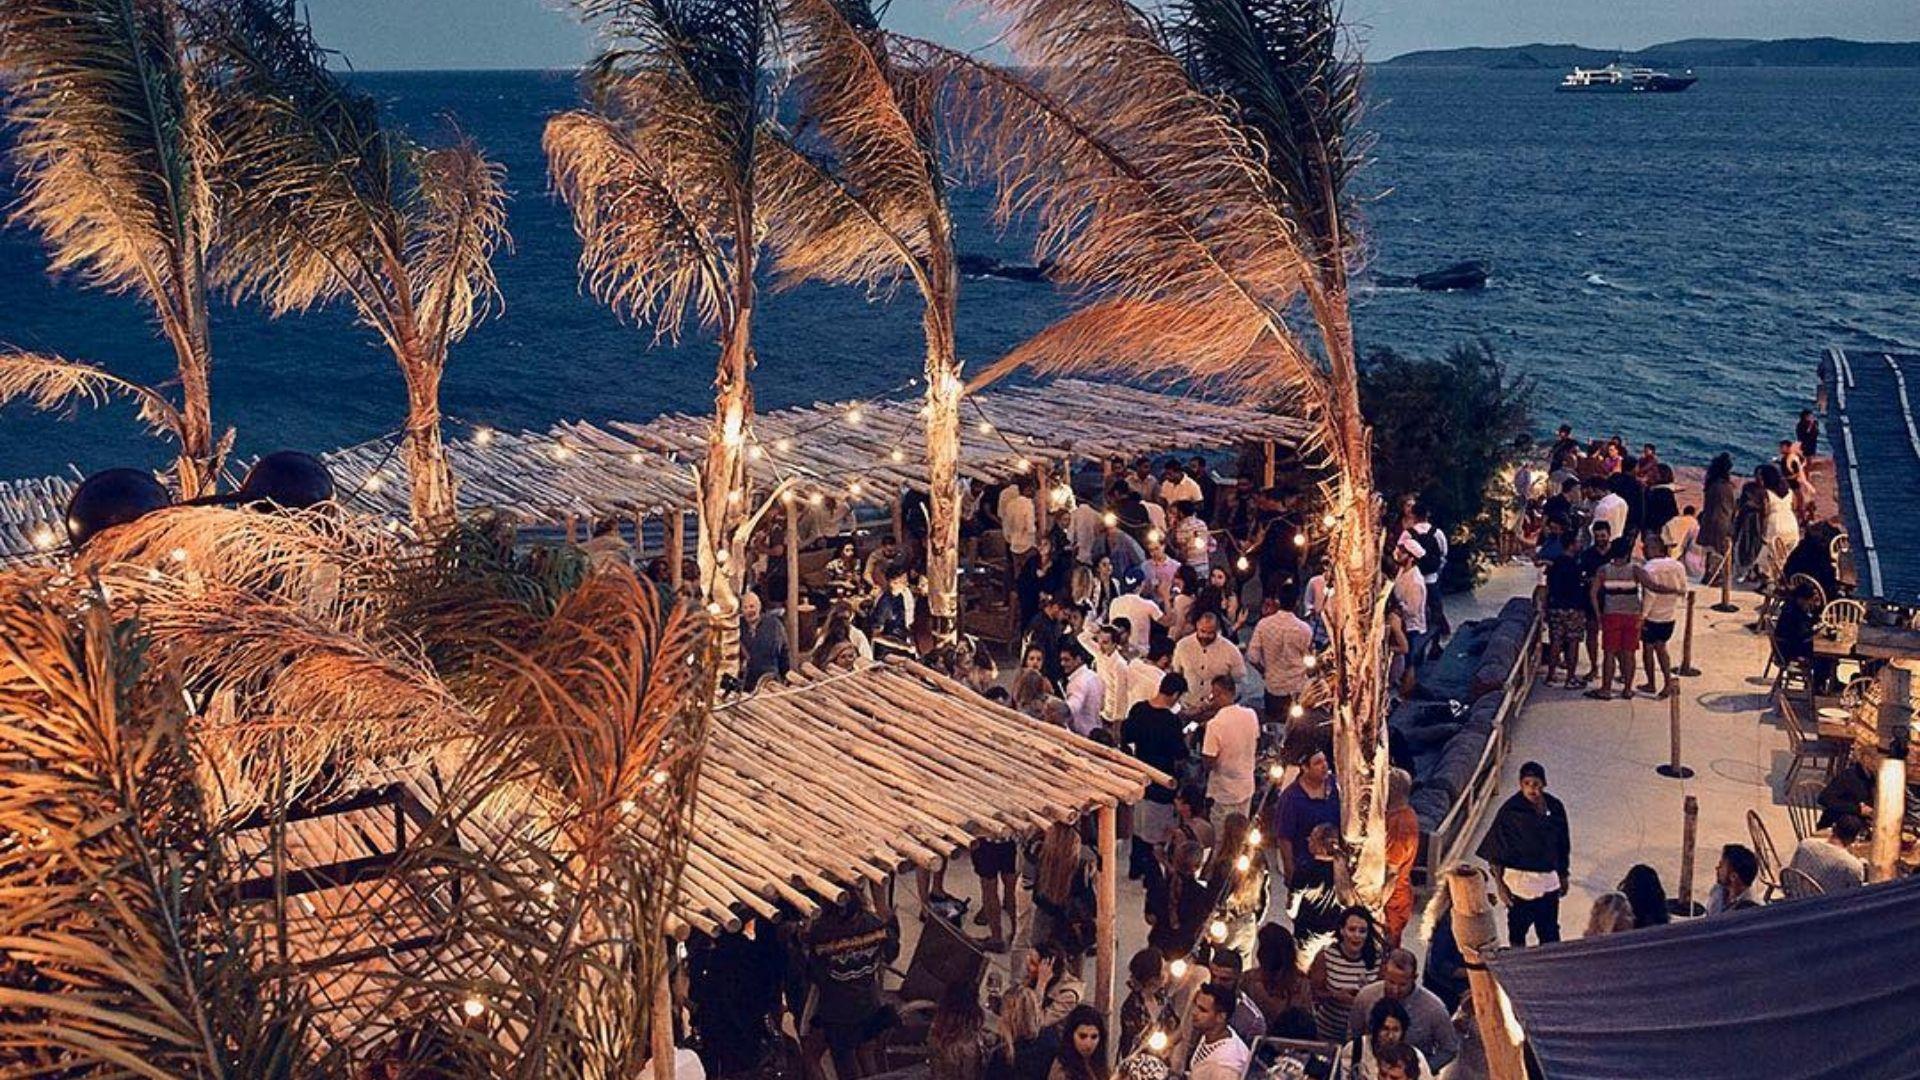 The open-air Scorpios club